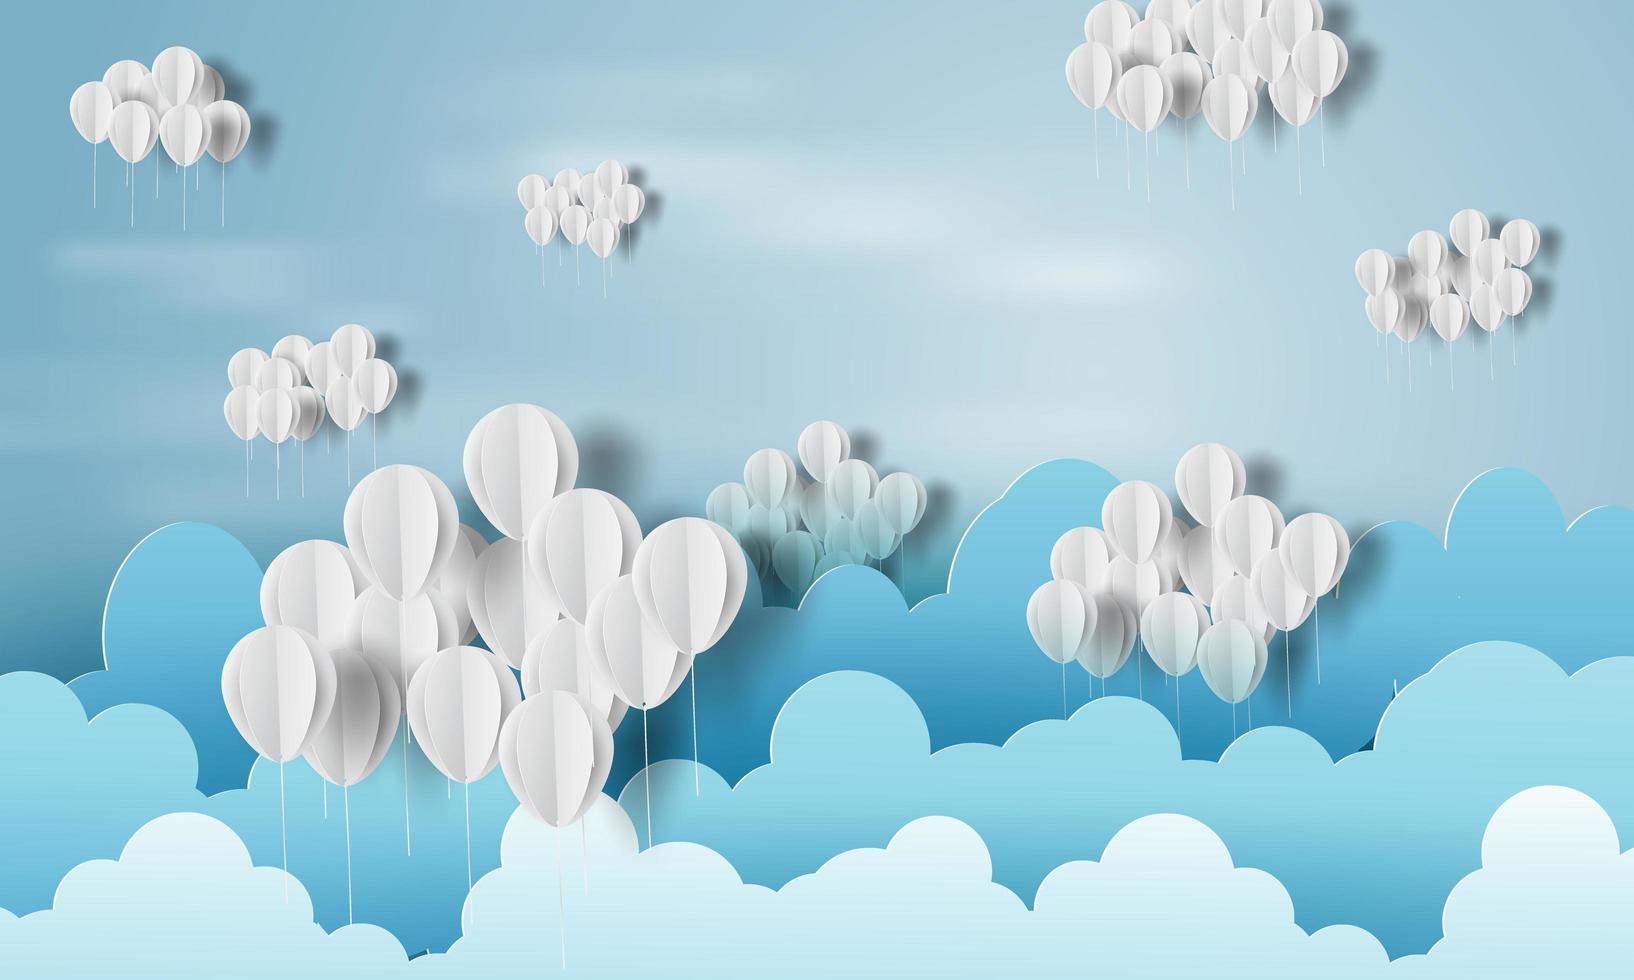 papperskonst av ballonger som moln på blå himmel banner vektor